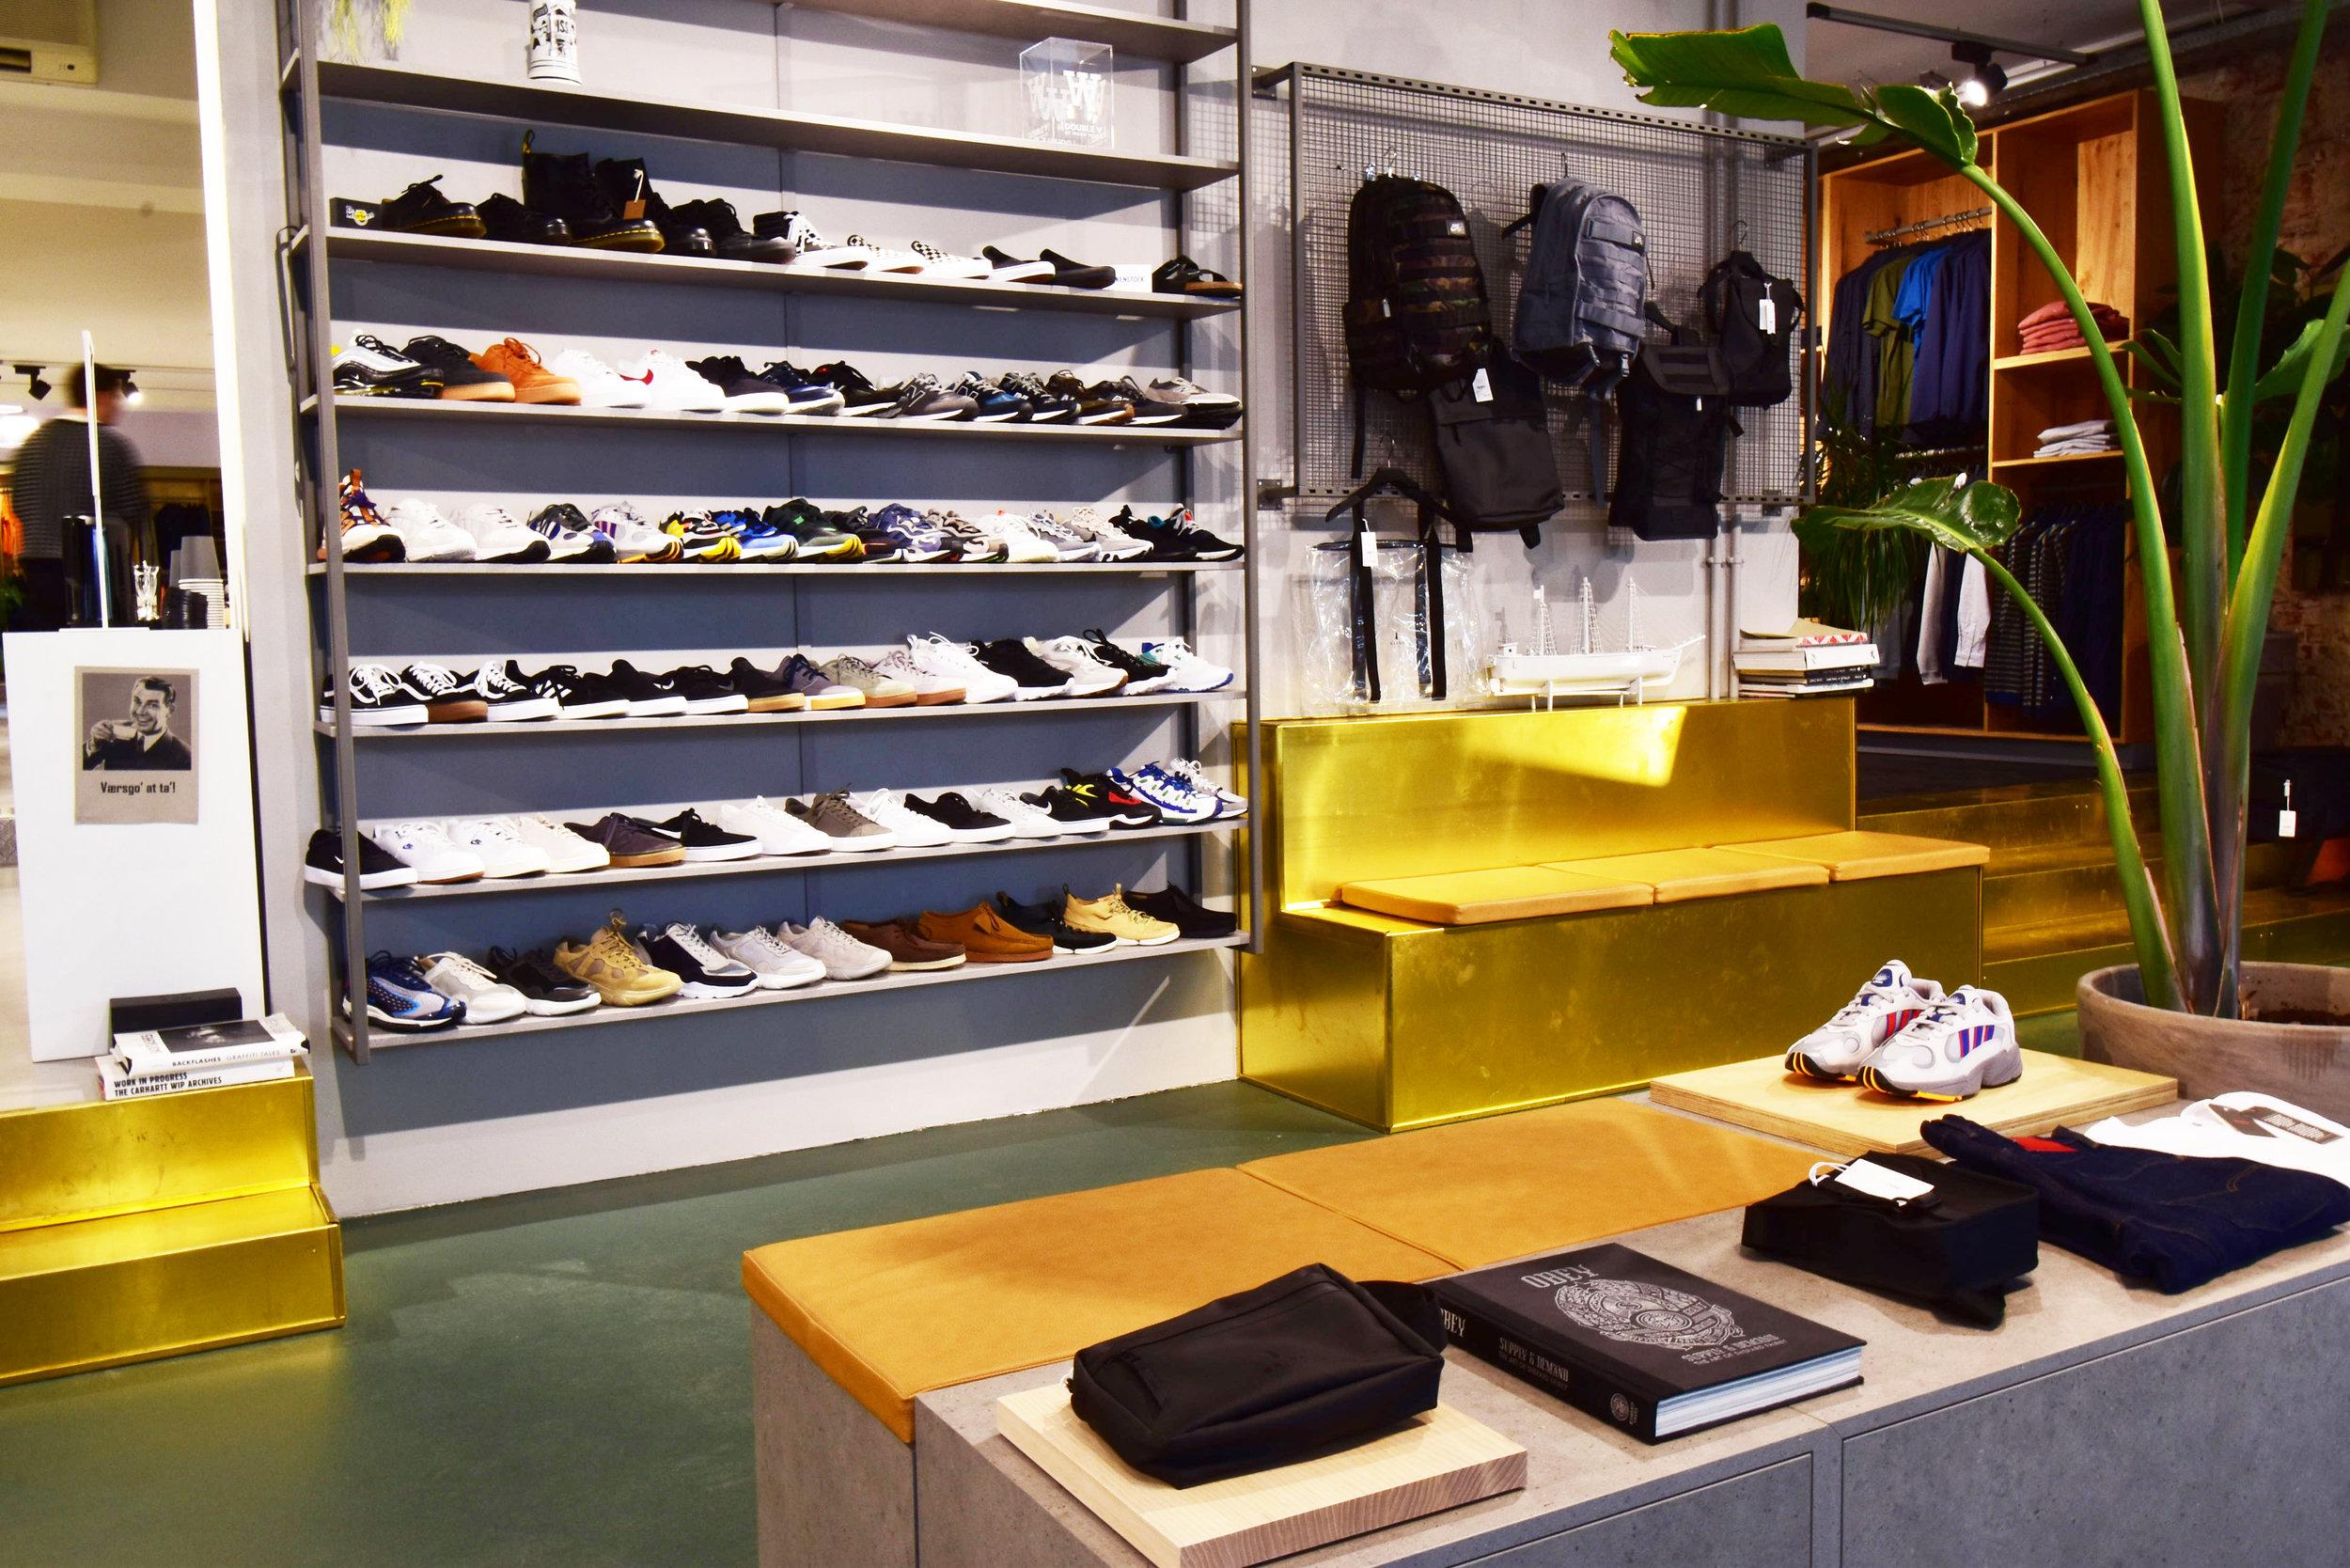 Munk Store_Holstebro_09.jpg